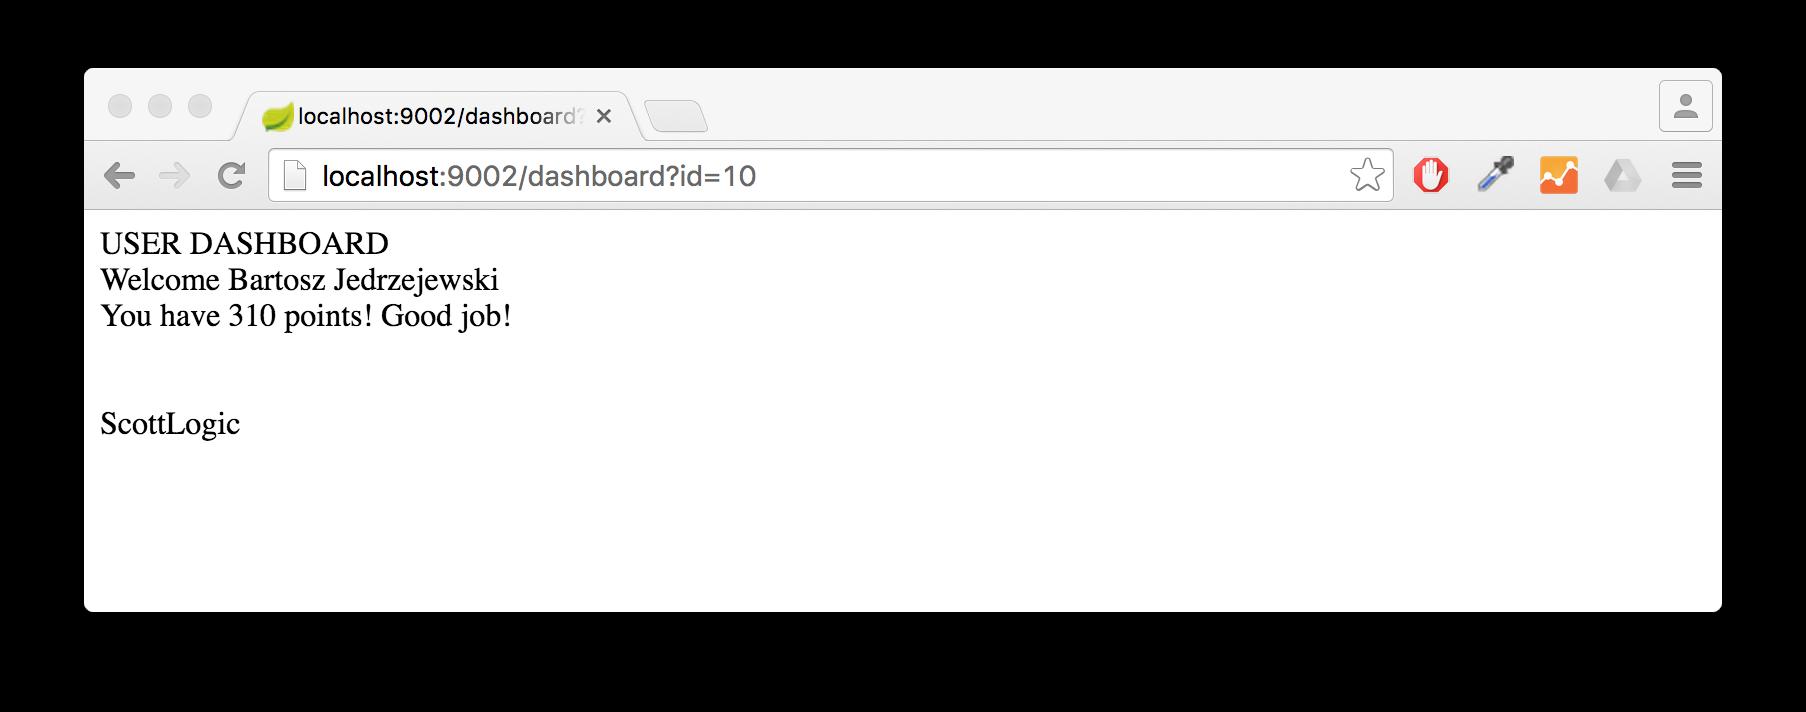 Многократное использование кода в микросервисной архитектуре — на примере SPRING BOOT - 3